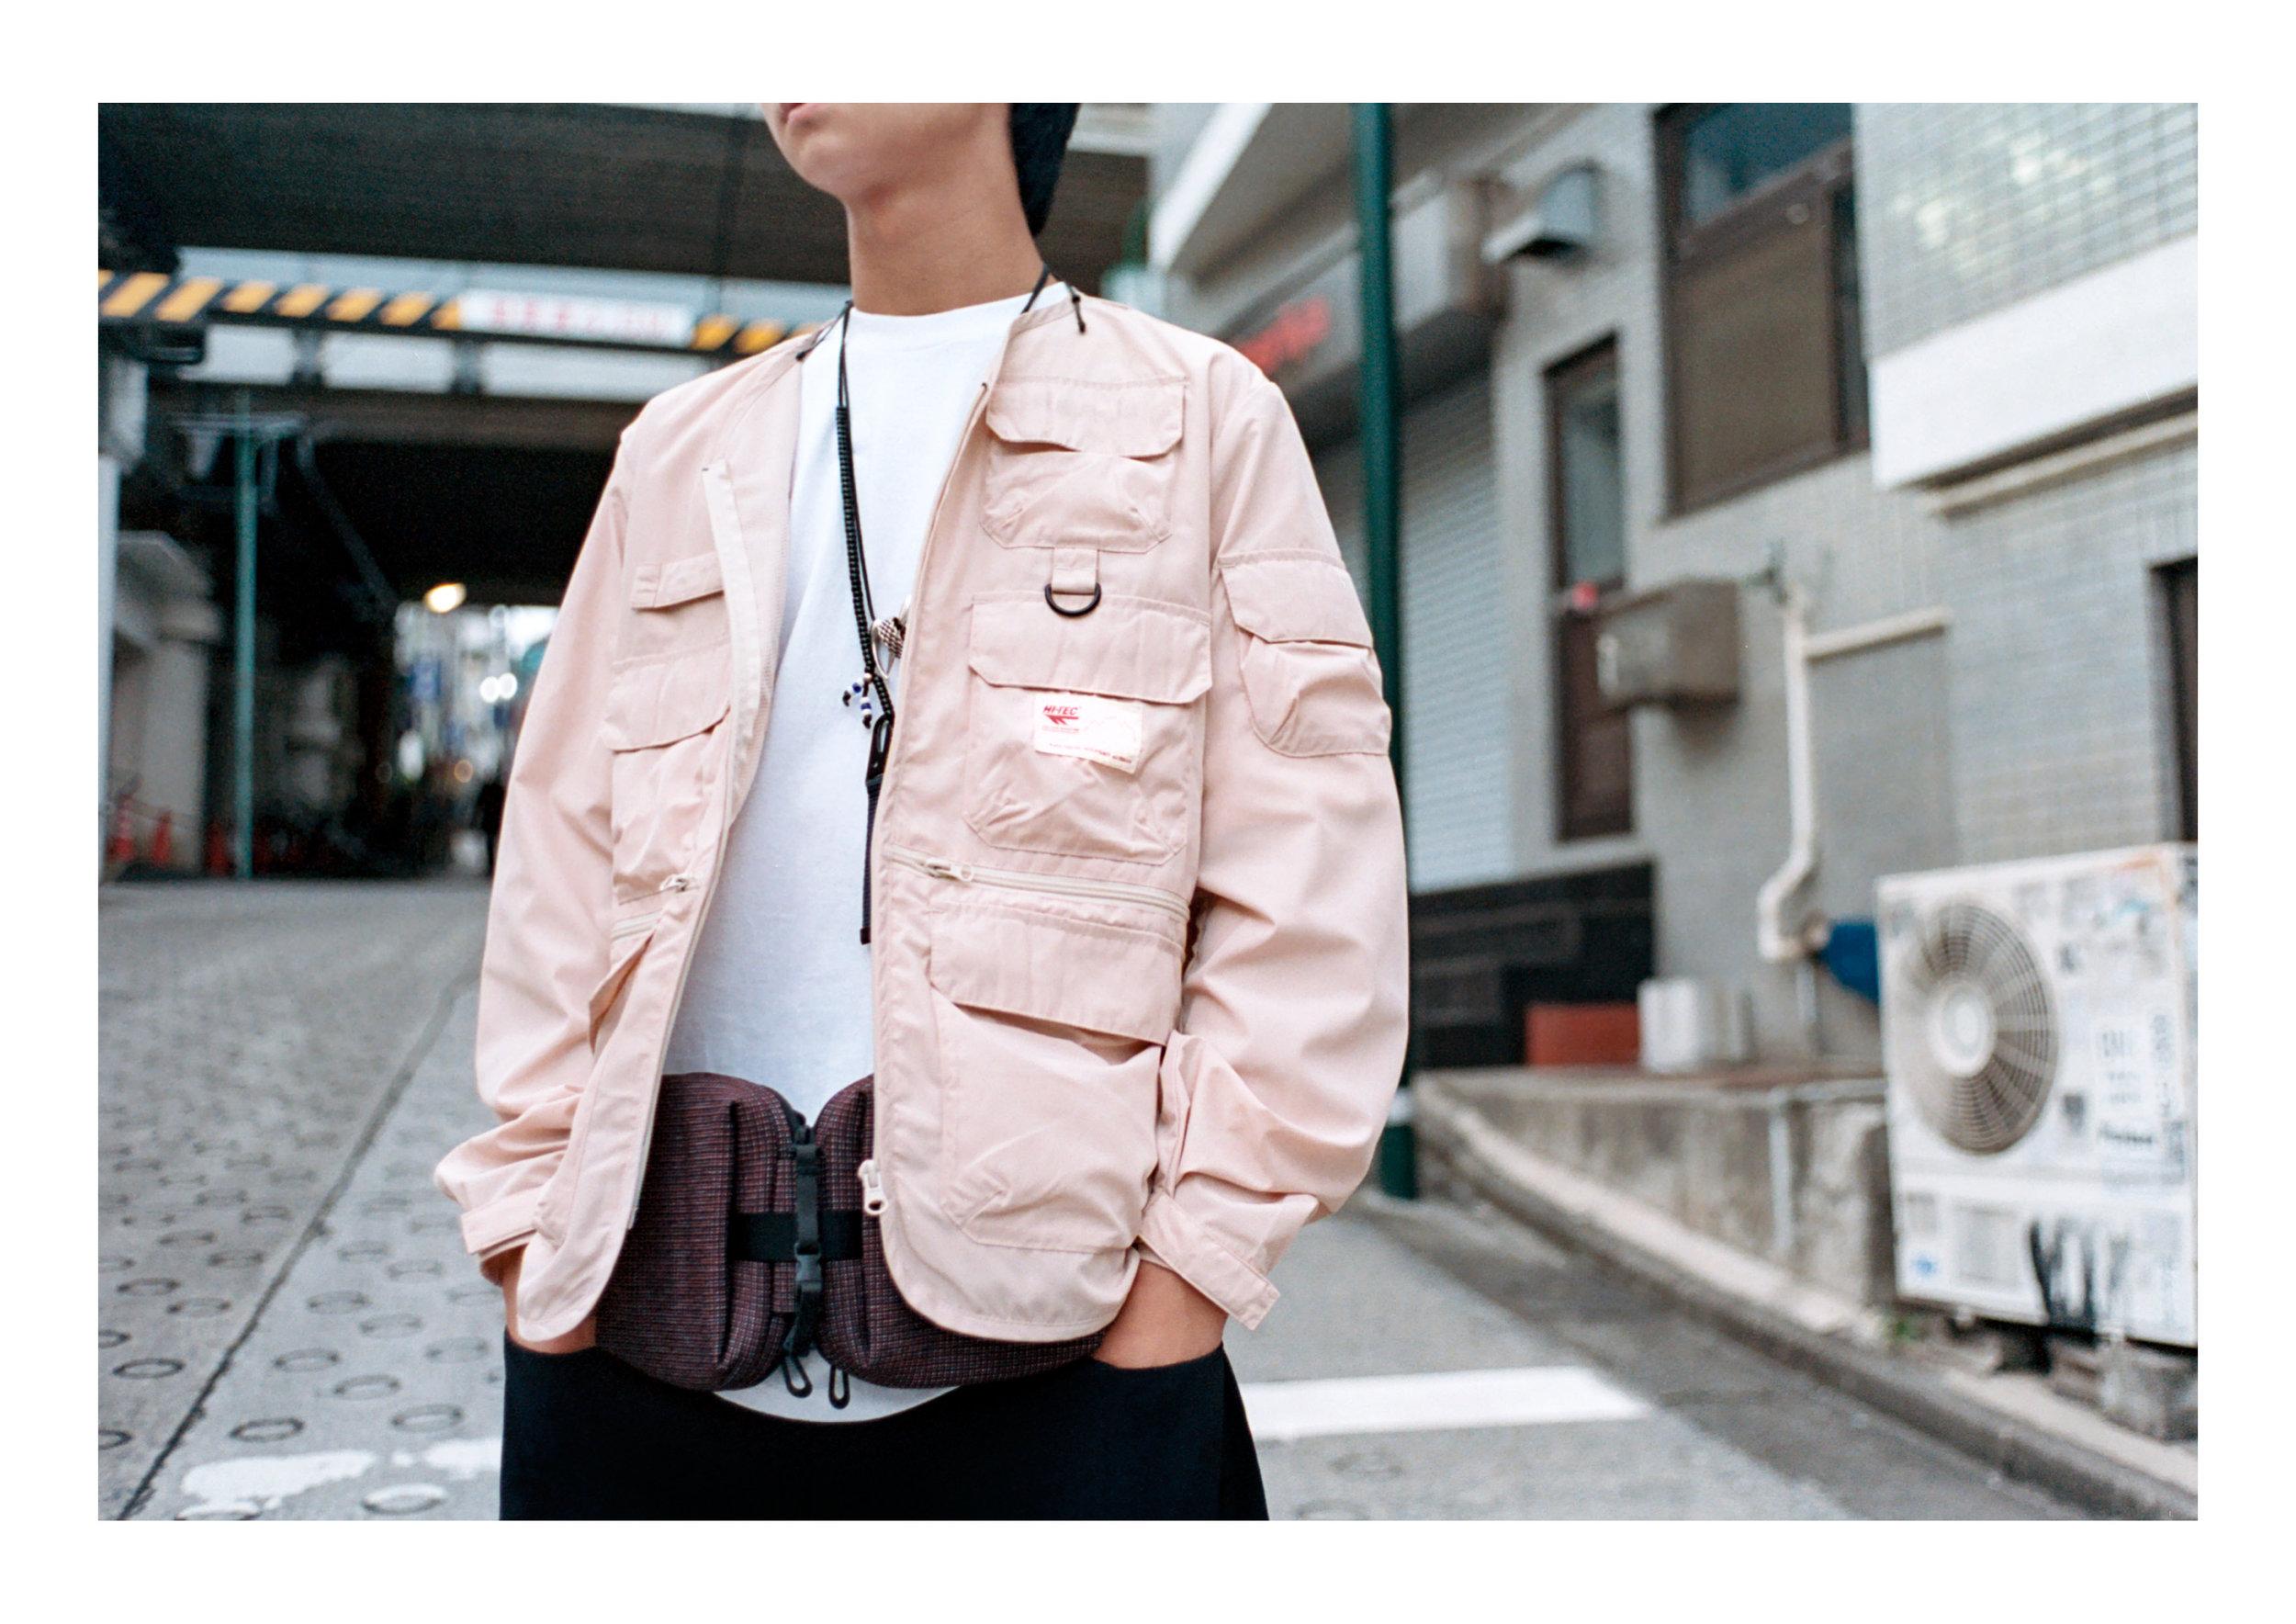 Jacket & Top - Hi Tec HTS74, Pants - Tourne de Transmission, Footwear - Hi Tec Japan, Bag - cote&ciel